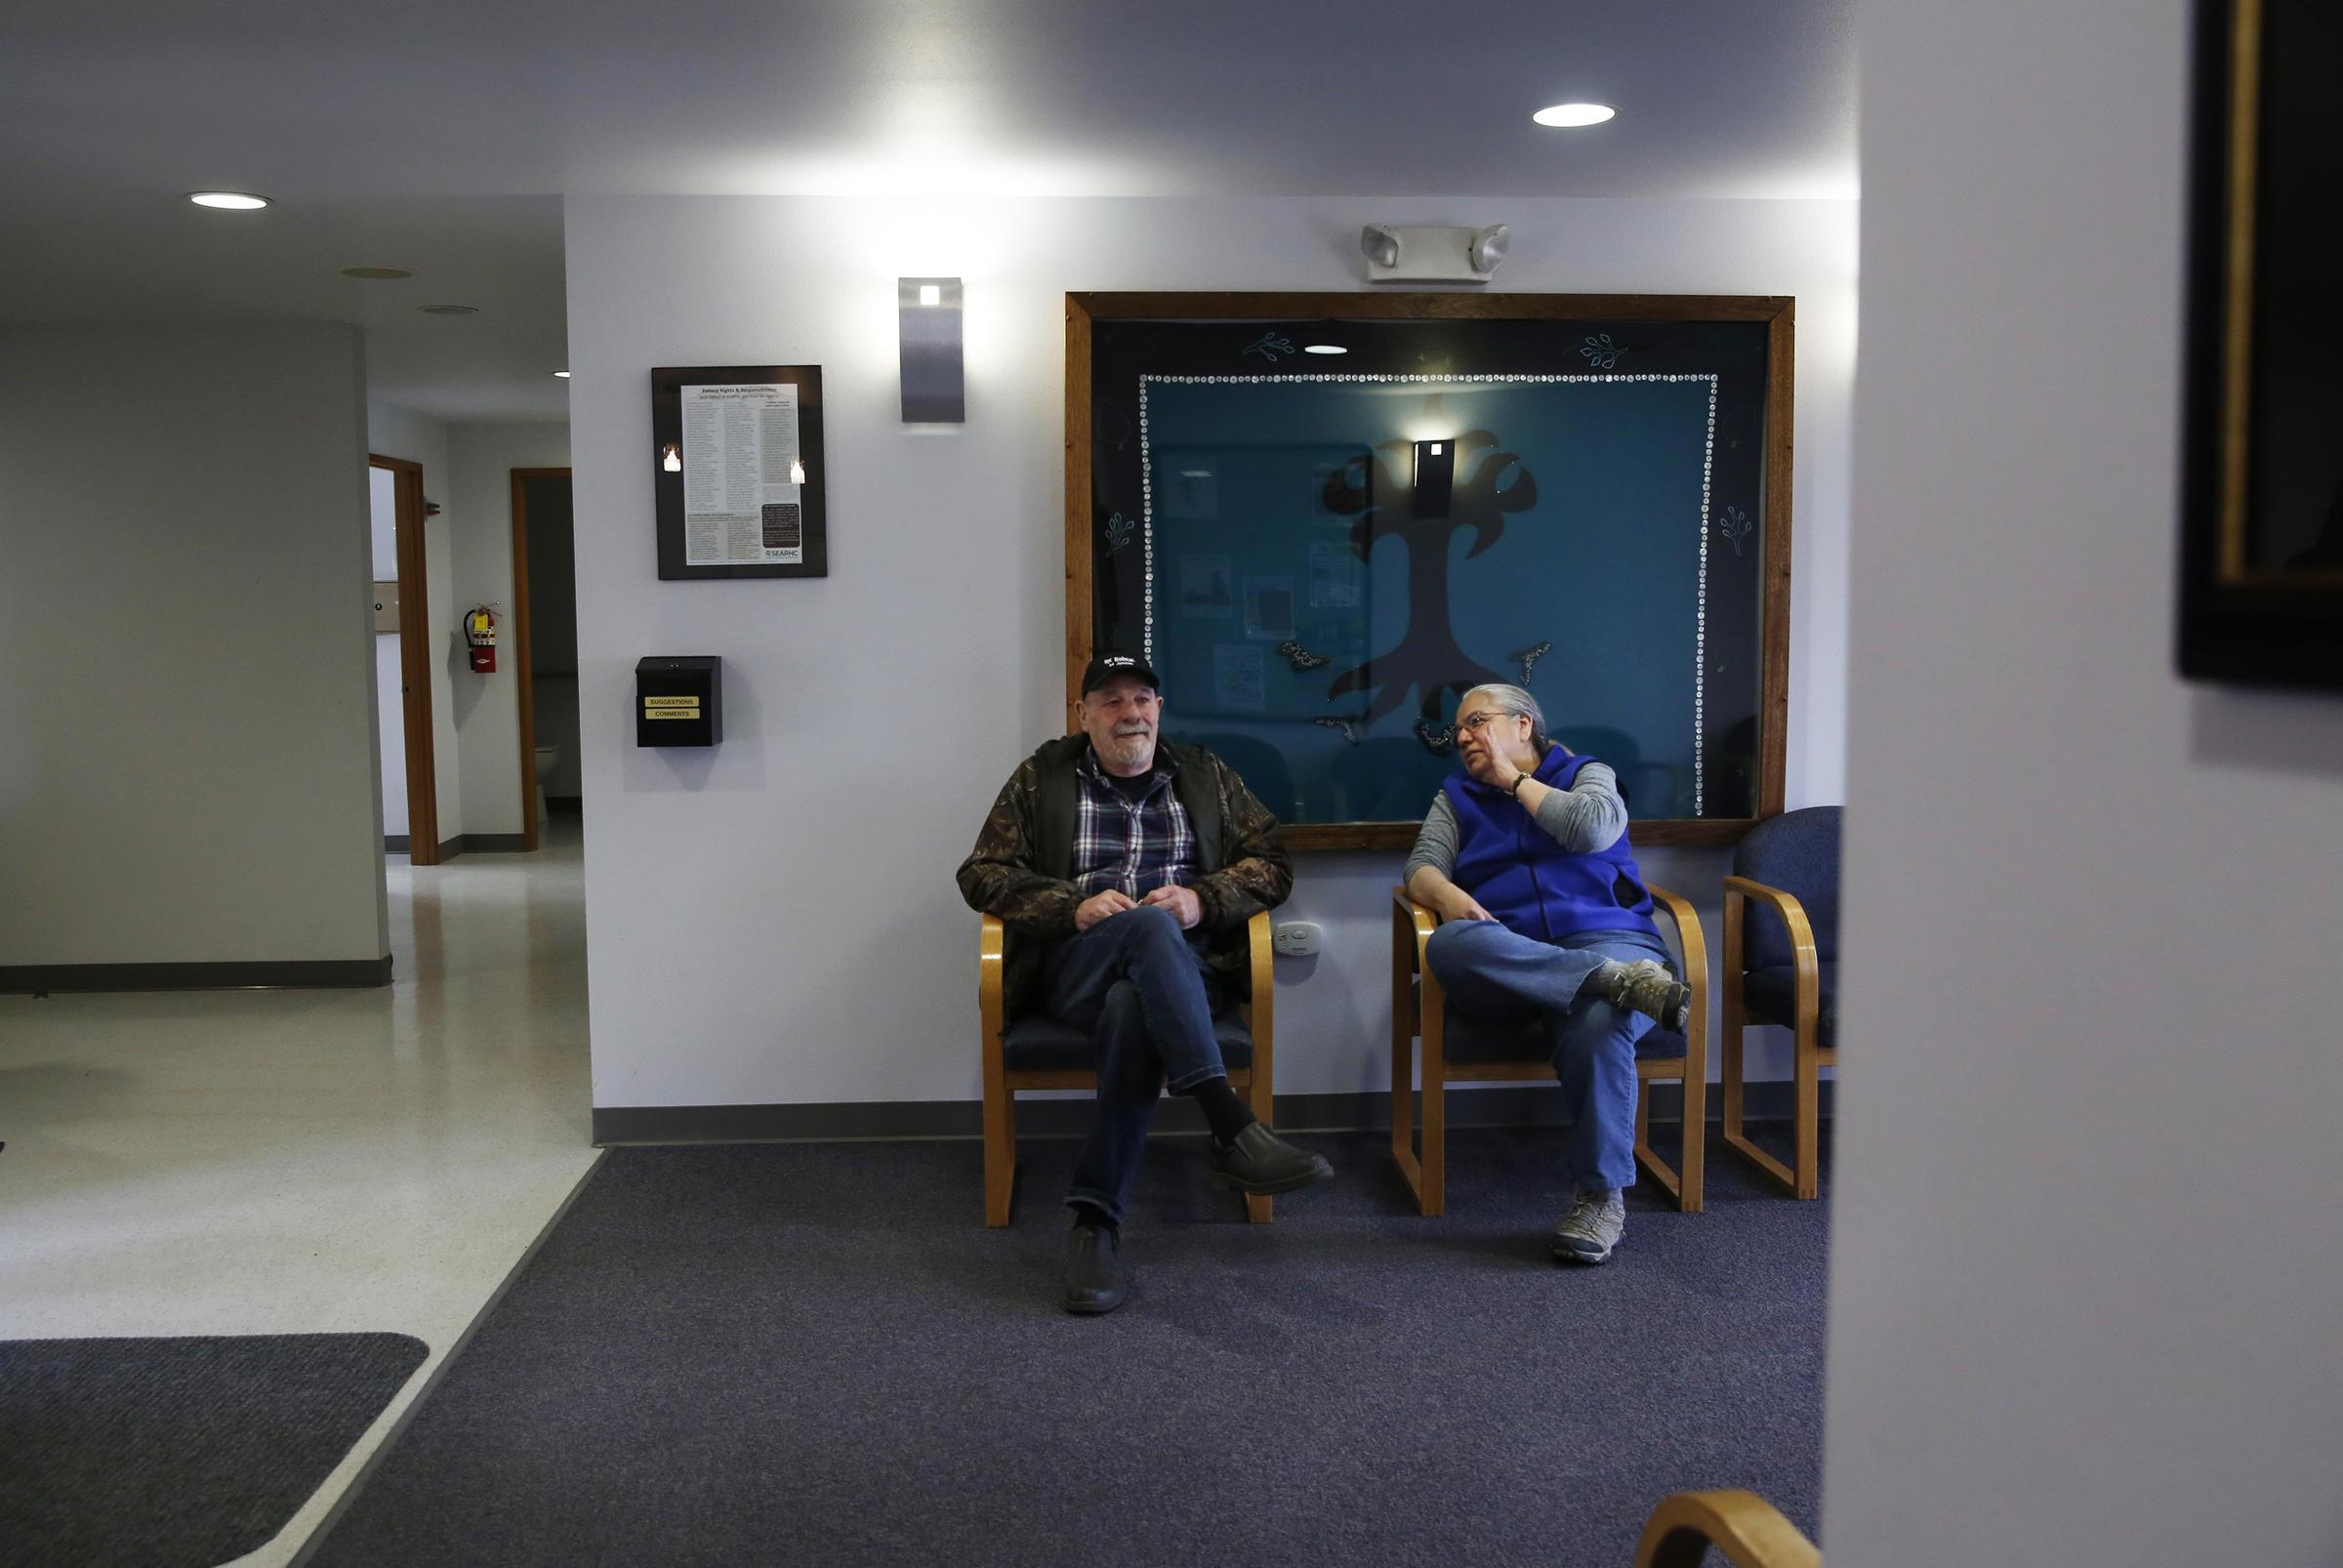 Bedridden Chat Room